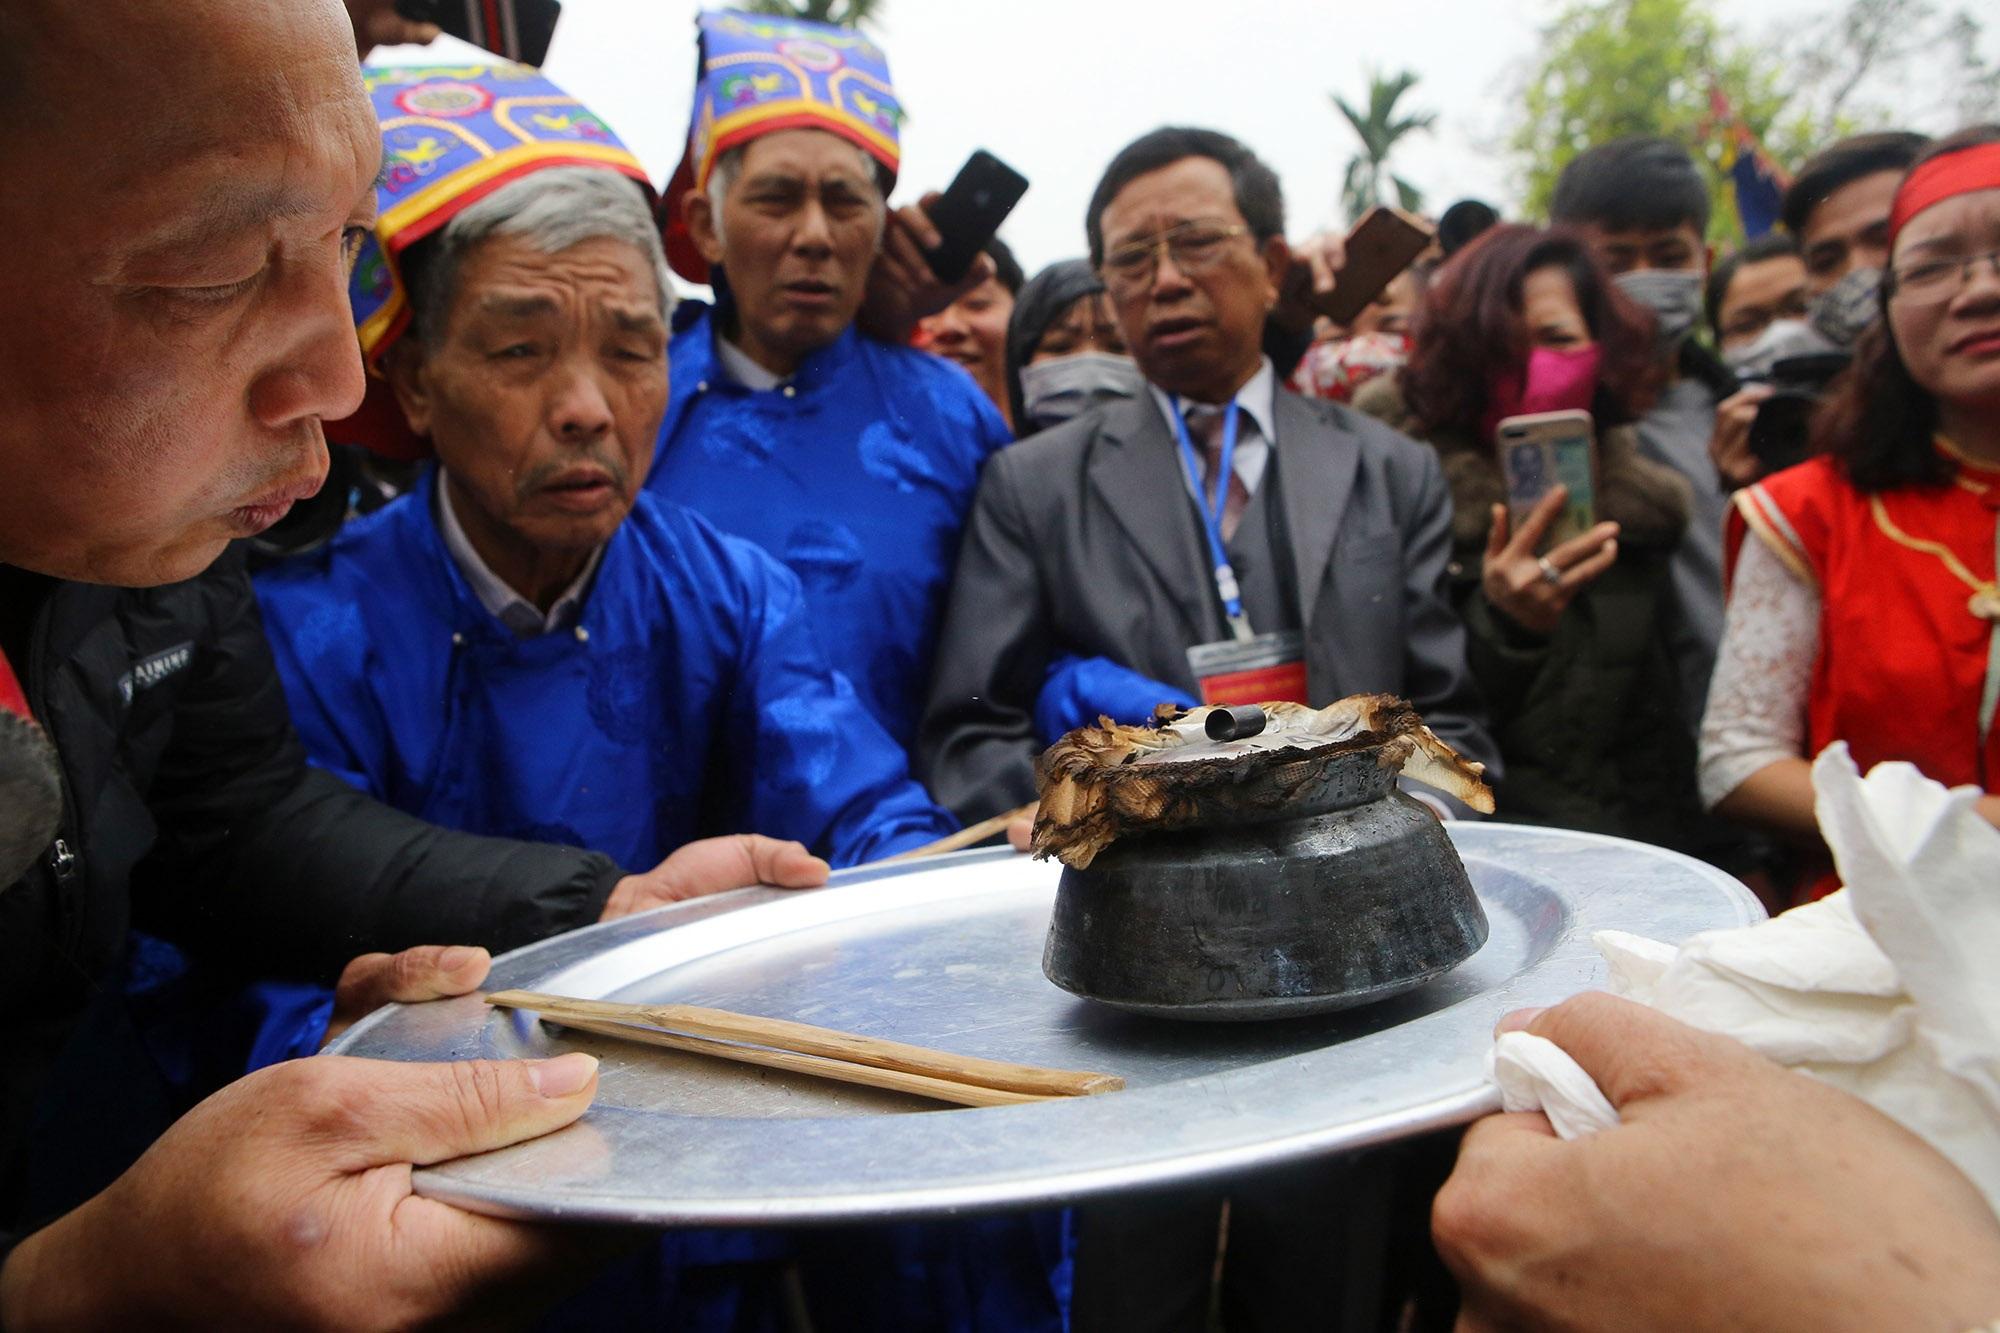 Hình ảnh đặc biệt trong lễ thổi cơm cổ xưa ít phút trước lệnh cấm vì virus corona - 12